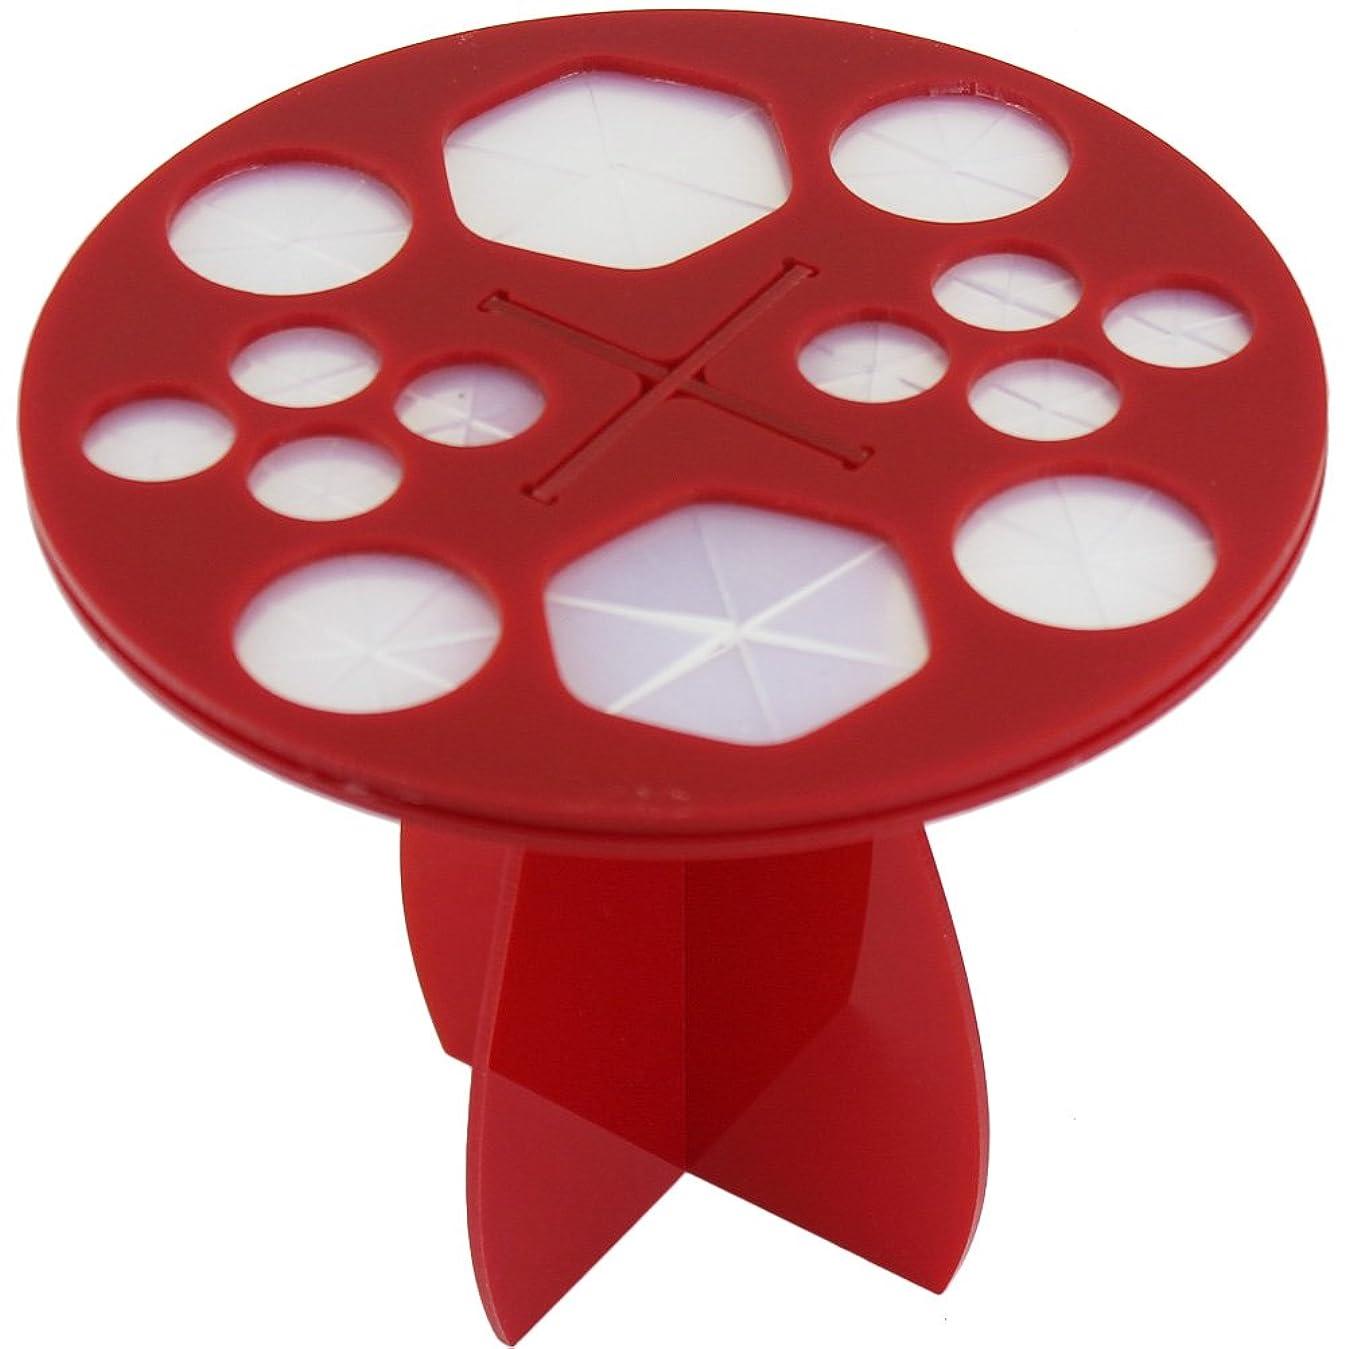 店主大洪水リル(メイクアップエーシーシー) MakeupAcc メイクブラシ干しラック ブラシ収納 アクリル乾かすブラシフレーム メイクアップブラシホルダー  ラウンド型 3色 (赤) [並行輸入品]